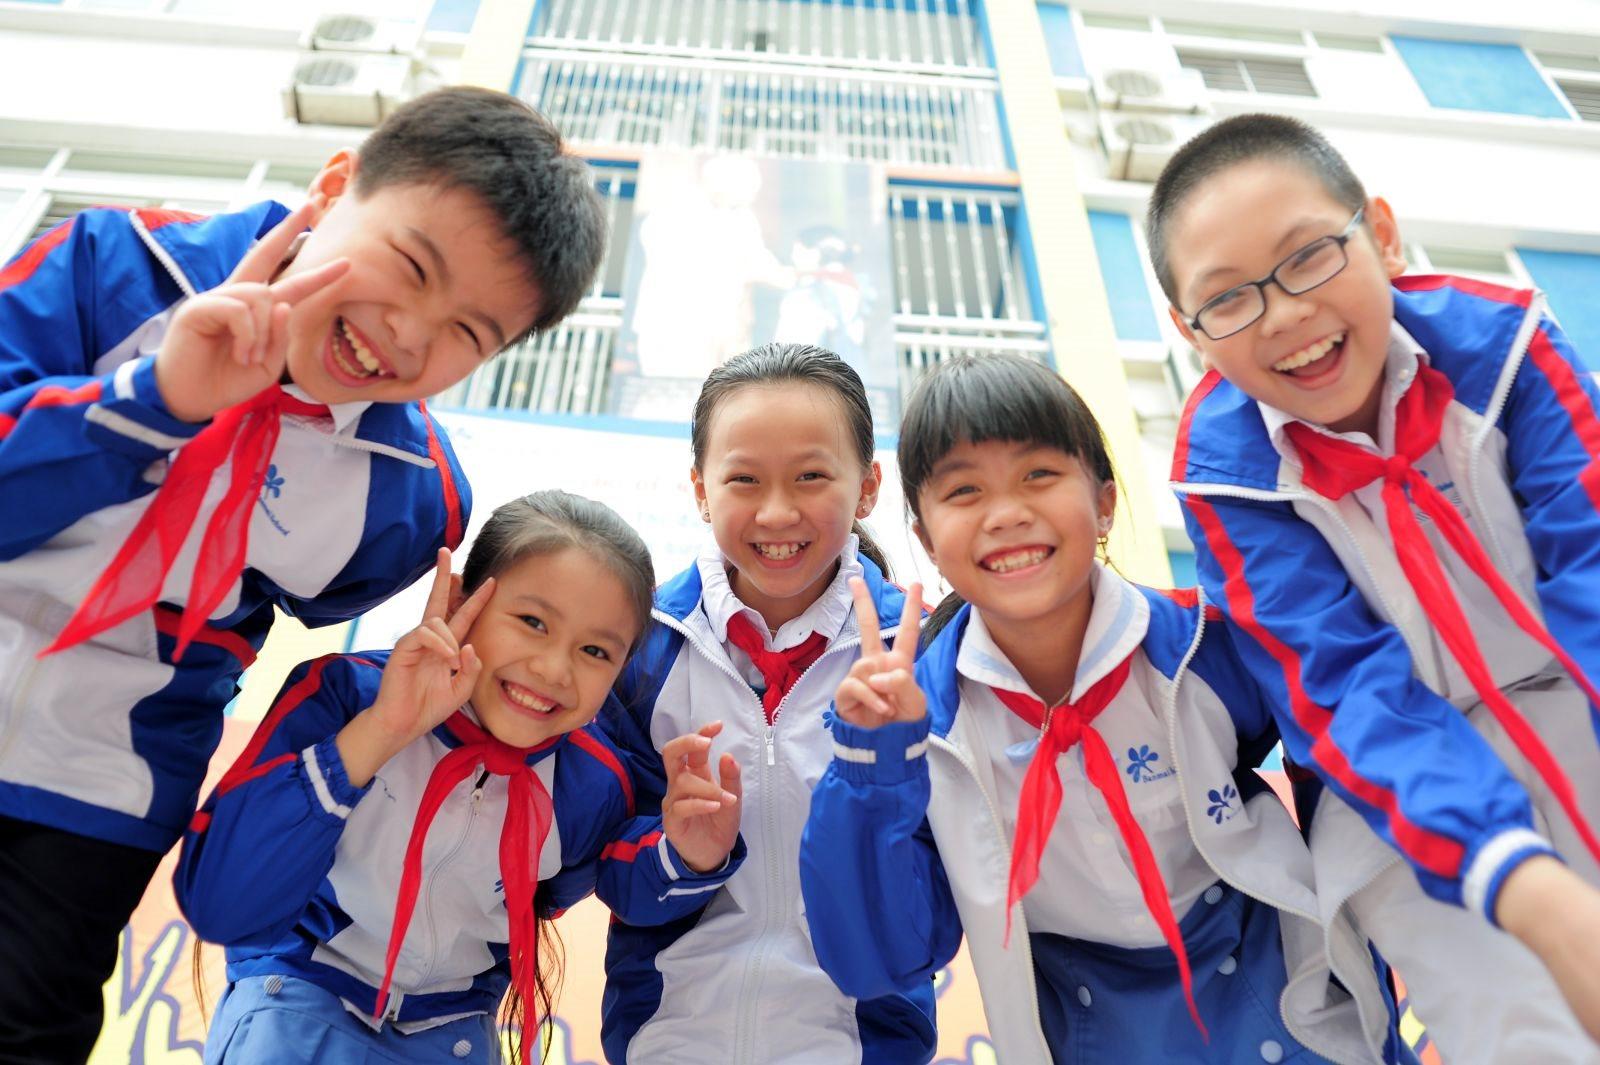 Hà Nội: Năm nay, học sinh được nghỉ Tết 10 ngày